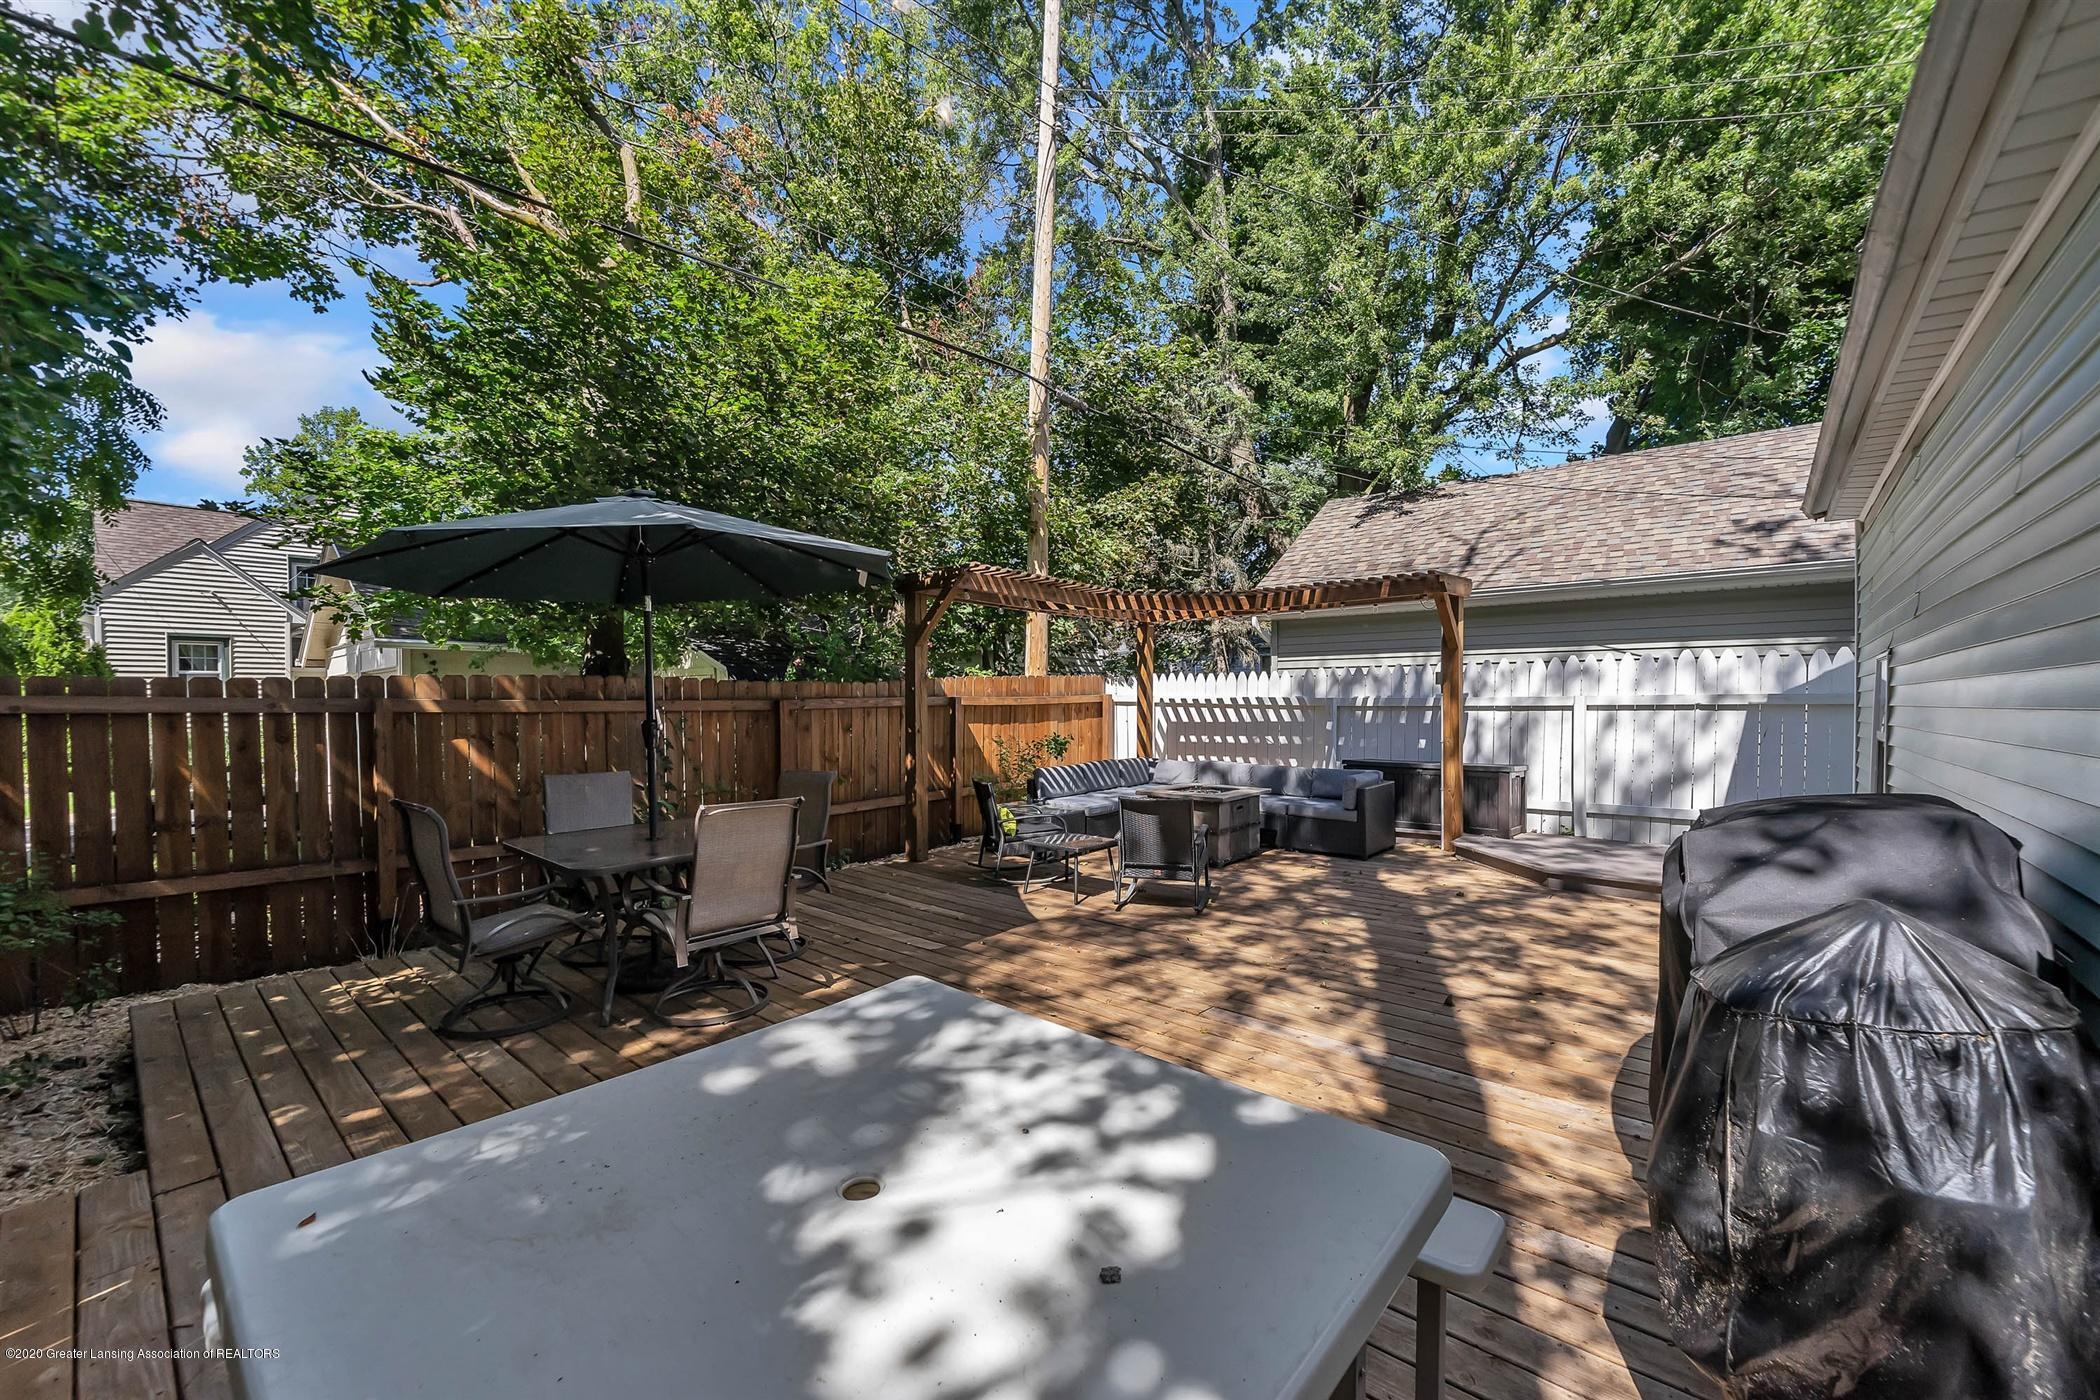 2032 Clifton Ave - (27) EXTERIOR Deck Area - 28